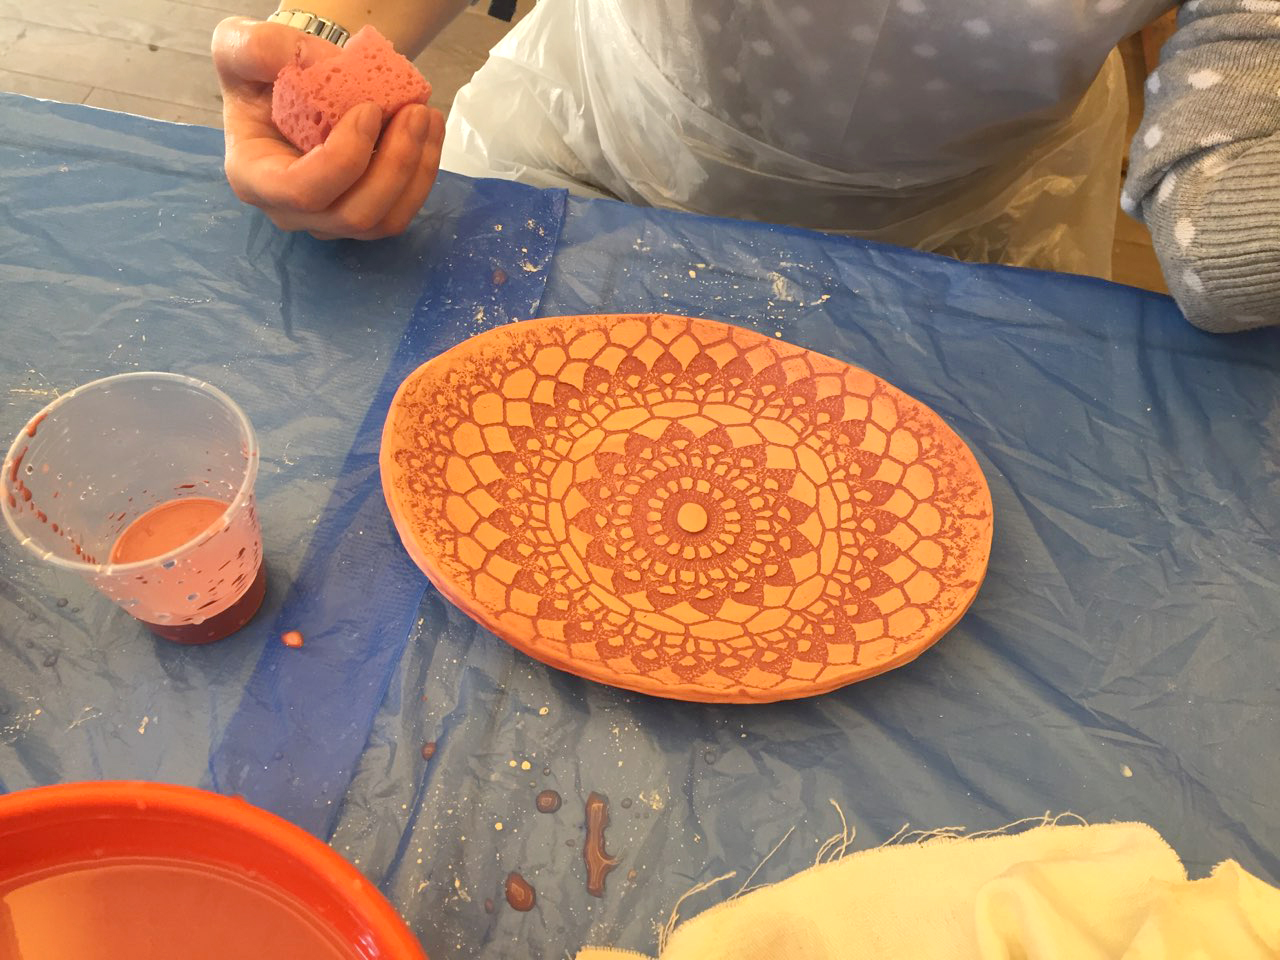 """Мастер-класс по керамике """"Праздничная посуда"""" 2 часть 31марта - фото"""